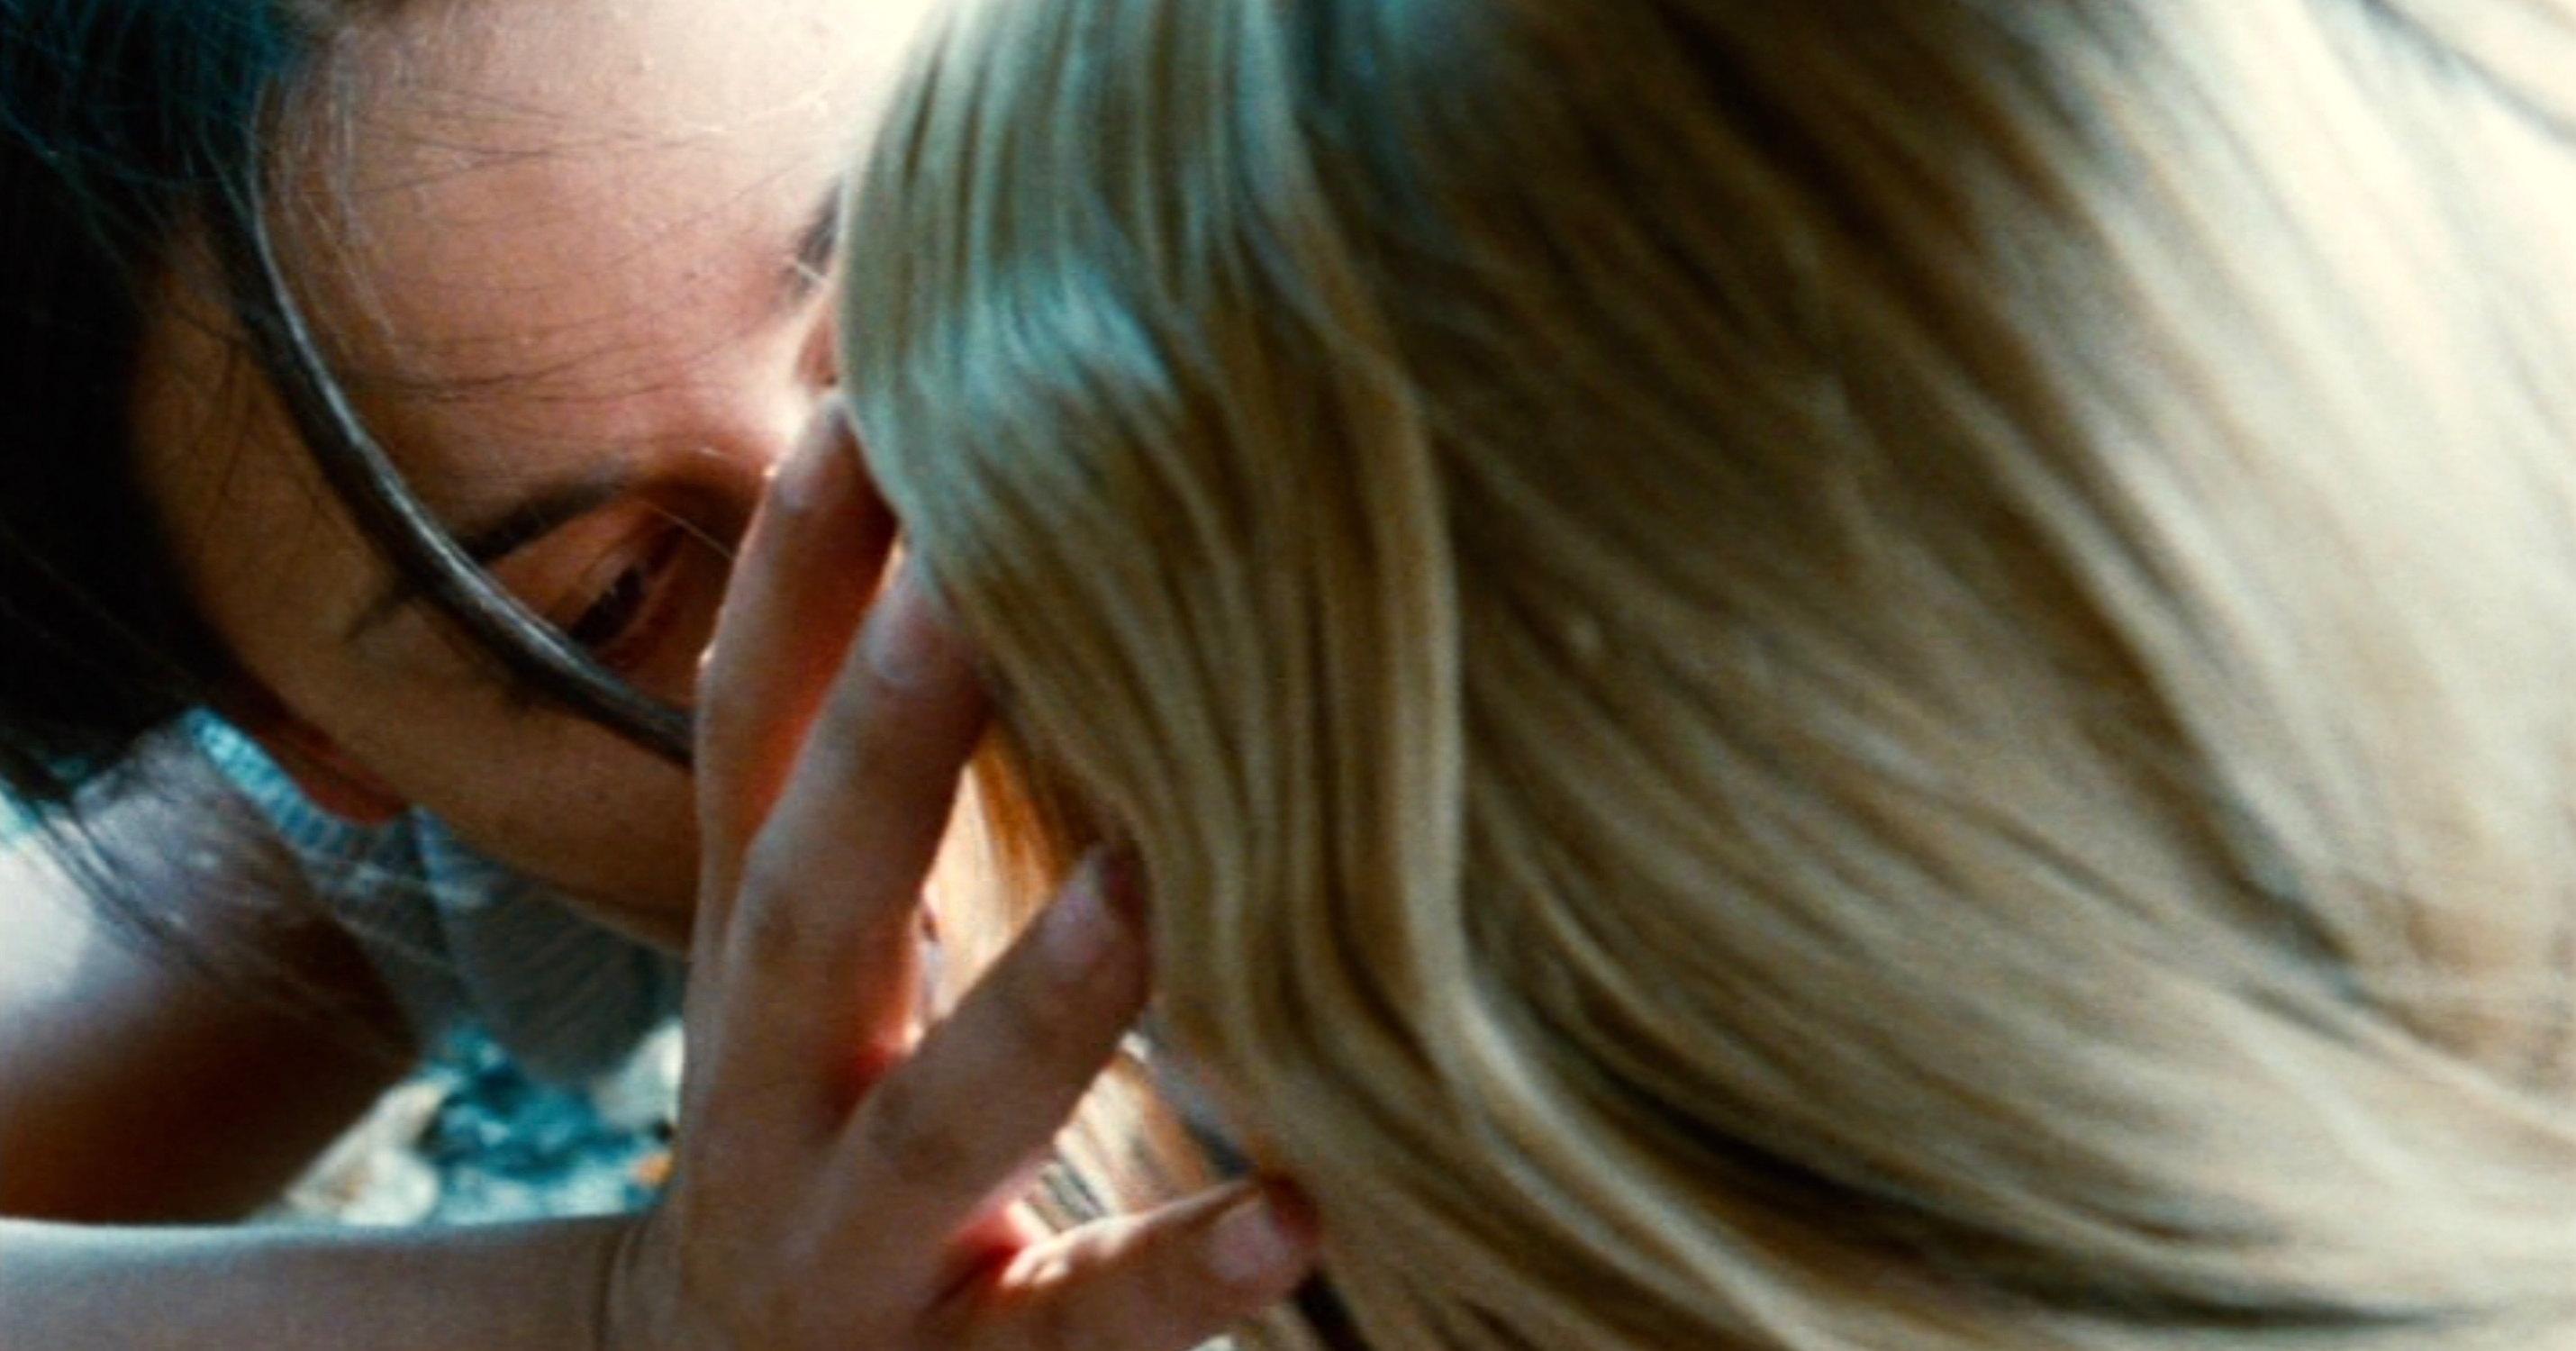 Vier Minuten - Four Minutes - Erinnerungen an Liebe und Verleumdung - Regie: Chris Kraus - Kamera Judith Kaufmann